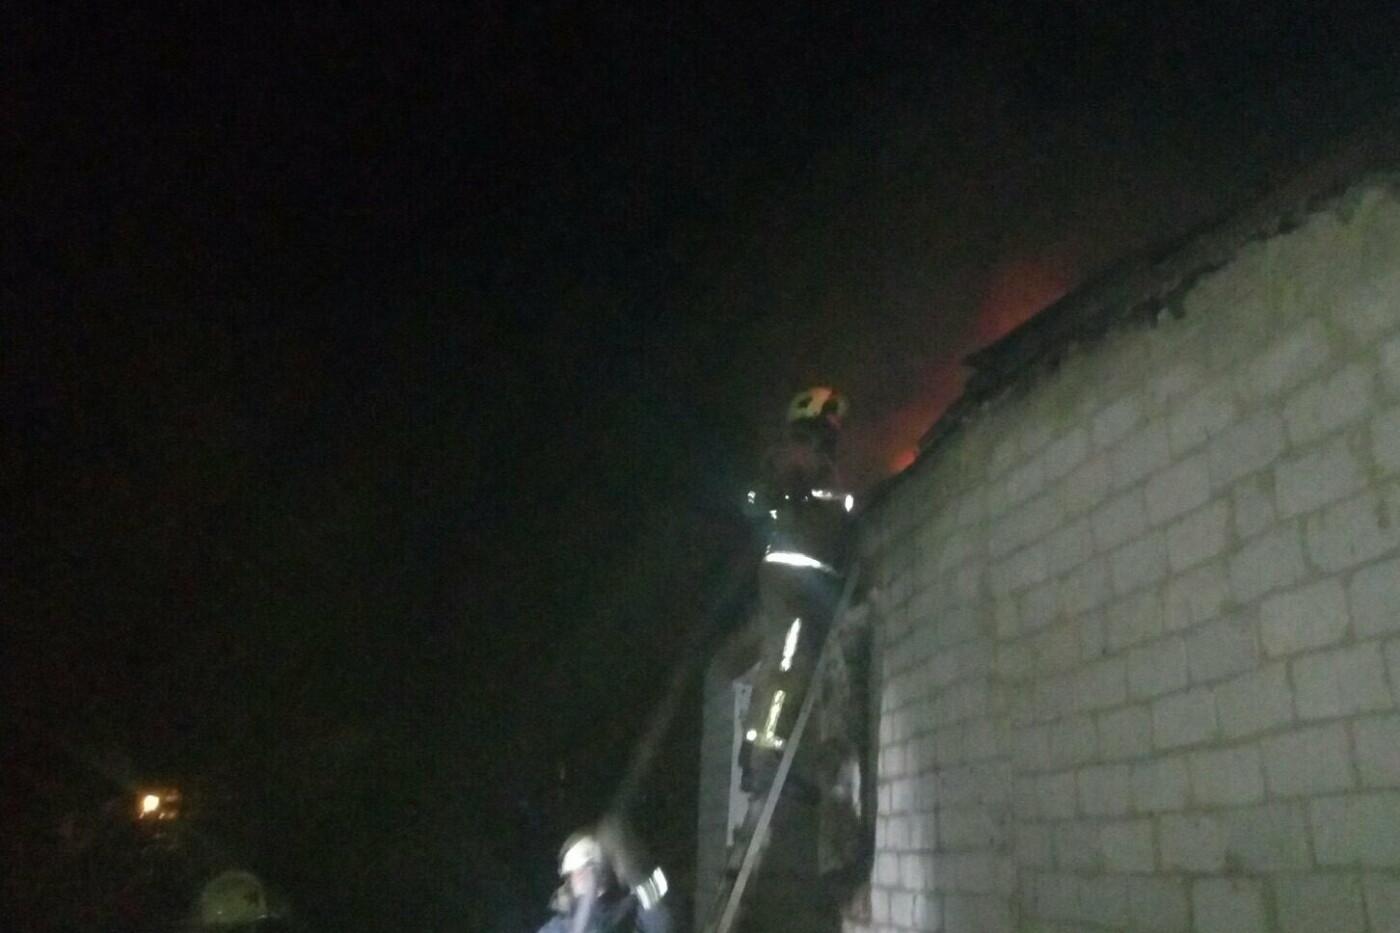 В Харьковской области спасатели восемь часов тушили пожар в жилом доме, - ФОТО, фото-1